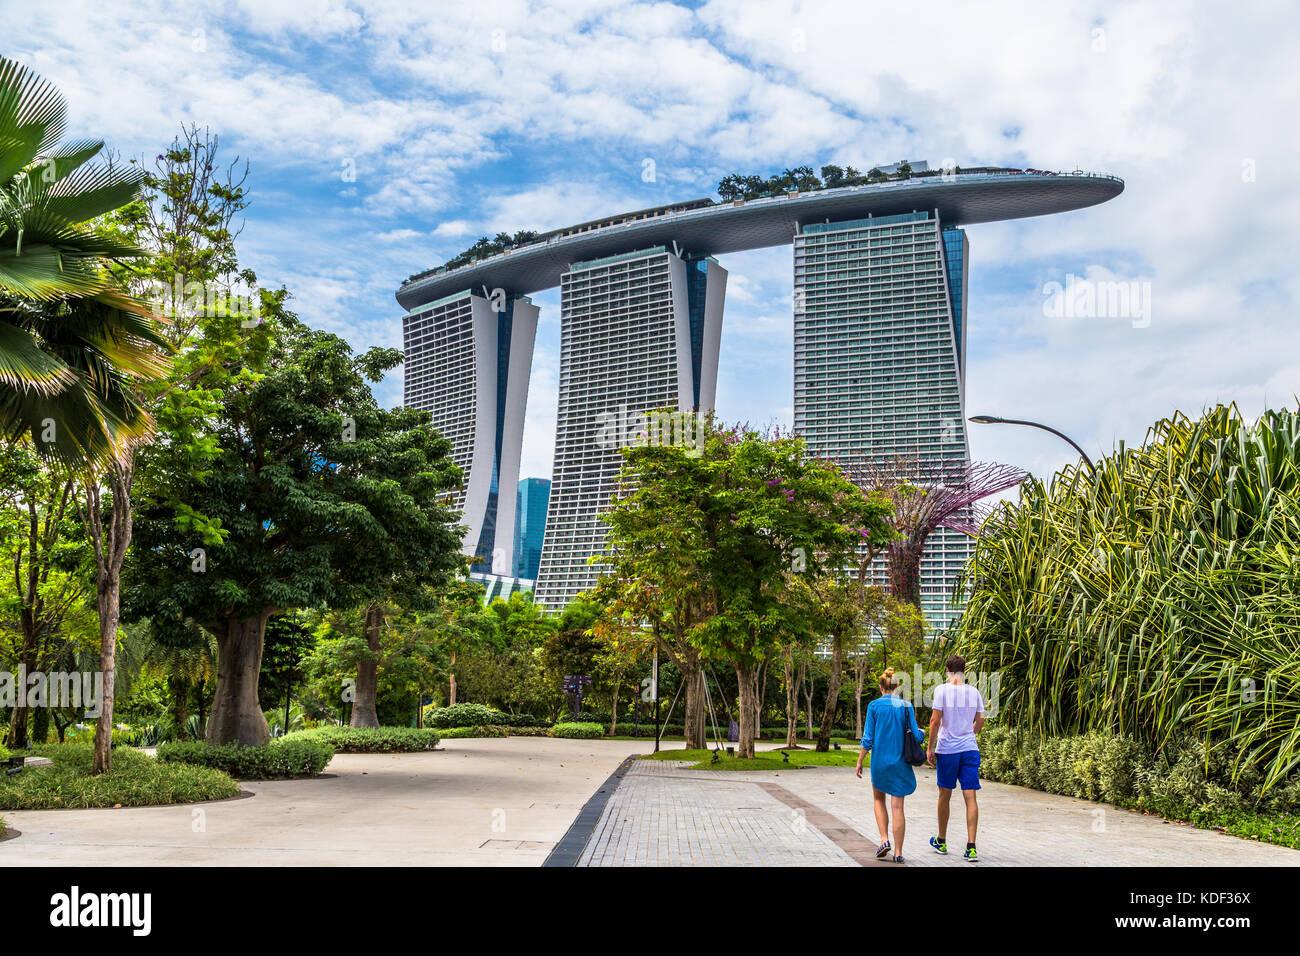 Luxury Marina Bay Sands, Singapore - Stock Image